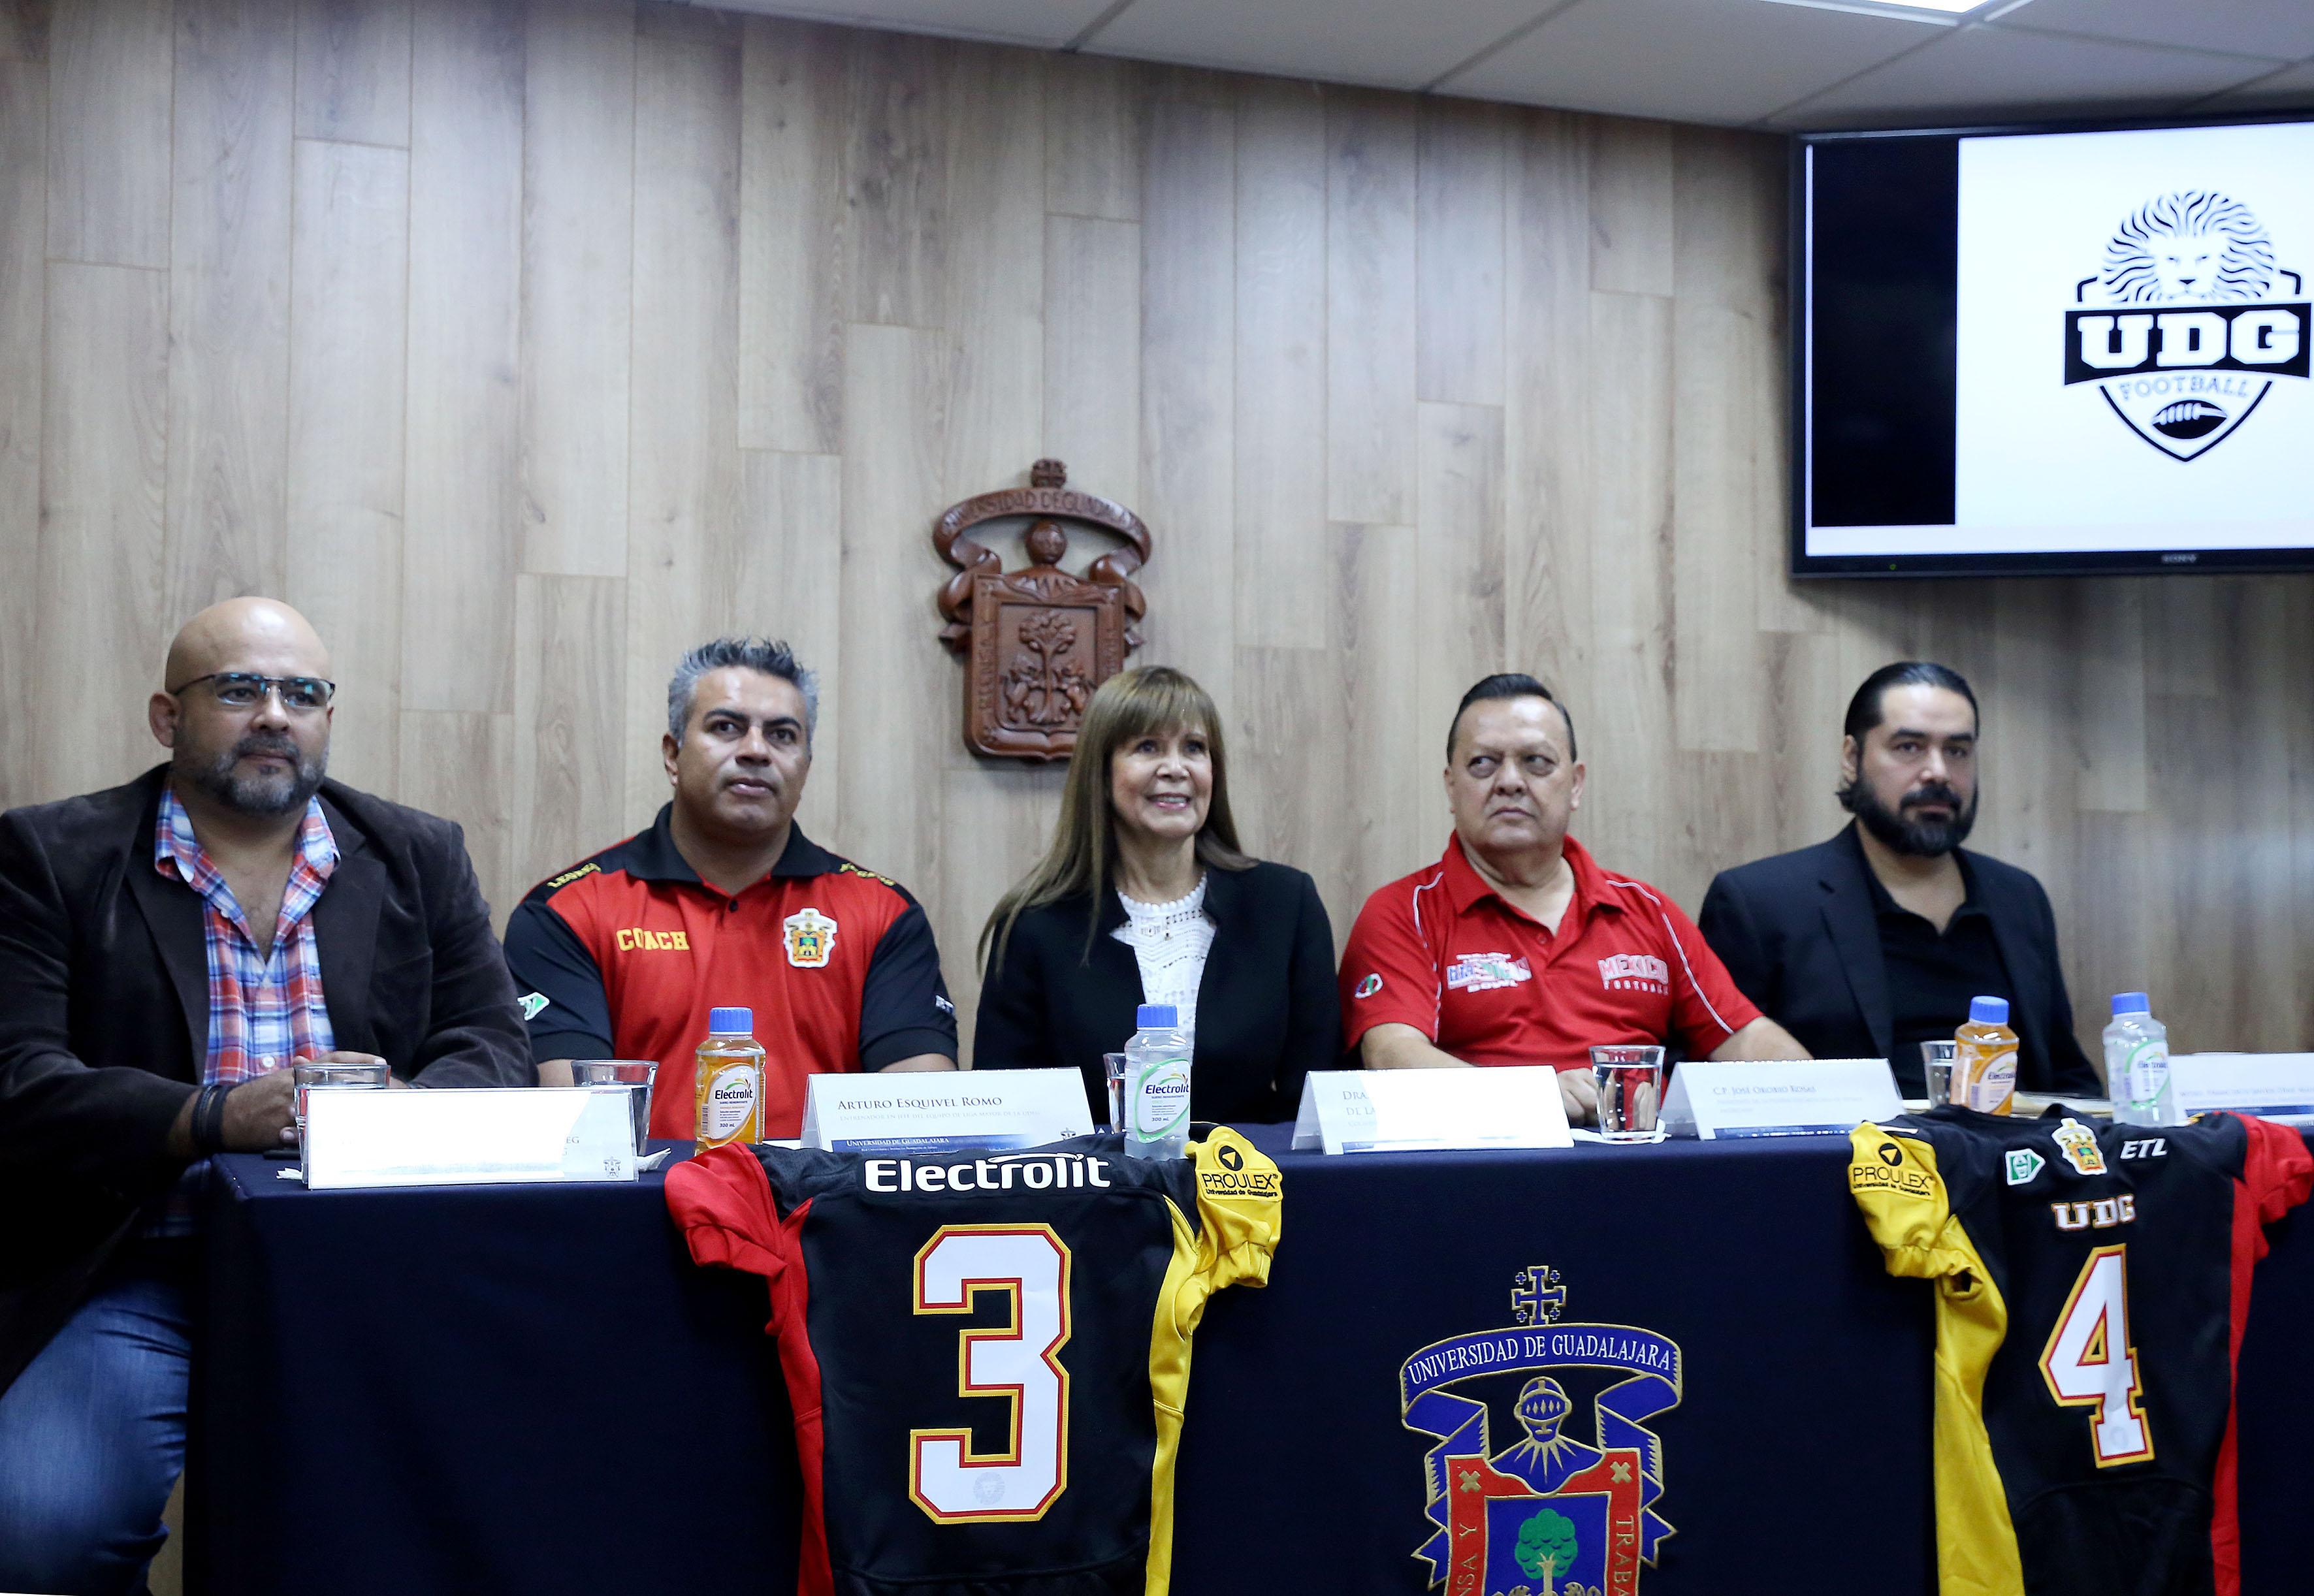 Rueda de prensa para anunciar el inicio de su participación en casa en la Liga Mayor de la Organización Nacional Estudiantil de Futbol Americano (Onefa), en partido correspondiente a la jornada 2. Reciben este sábado al Cuerpo de Guardias Presidenciales.